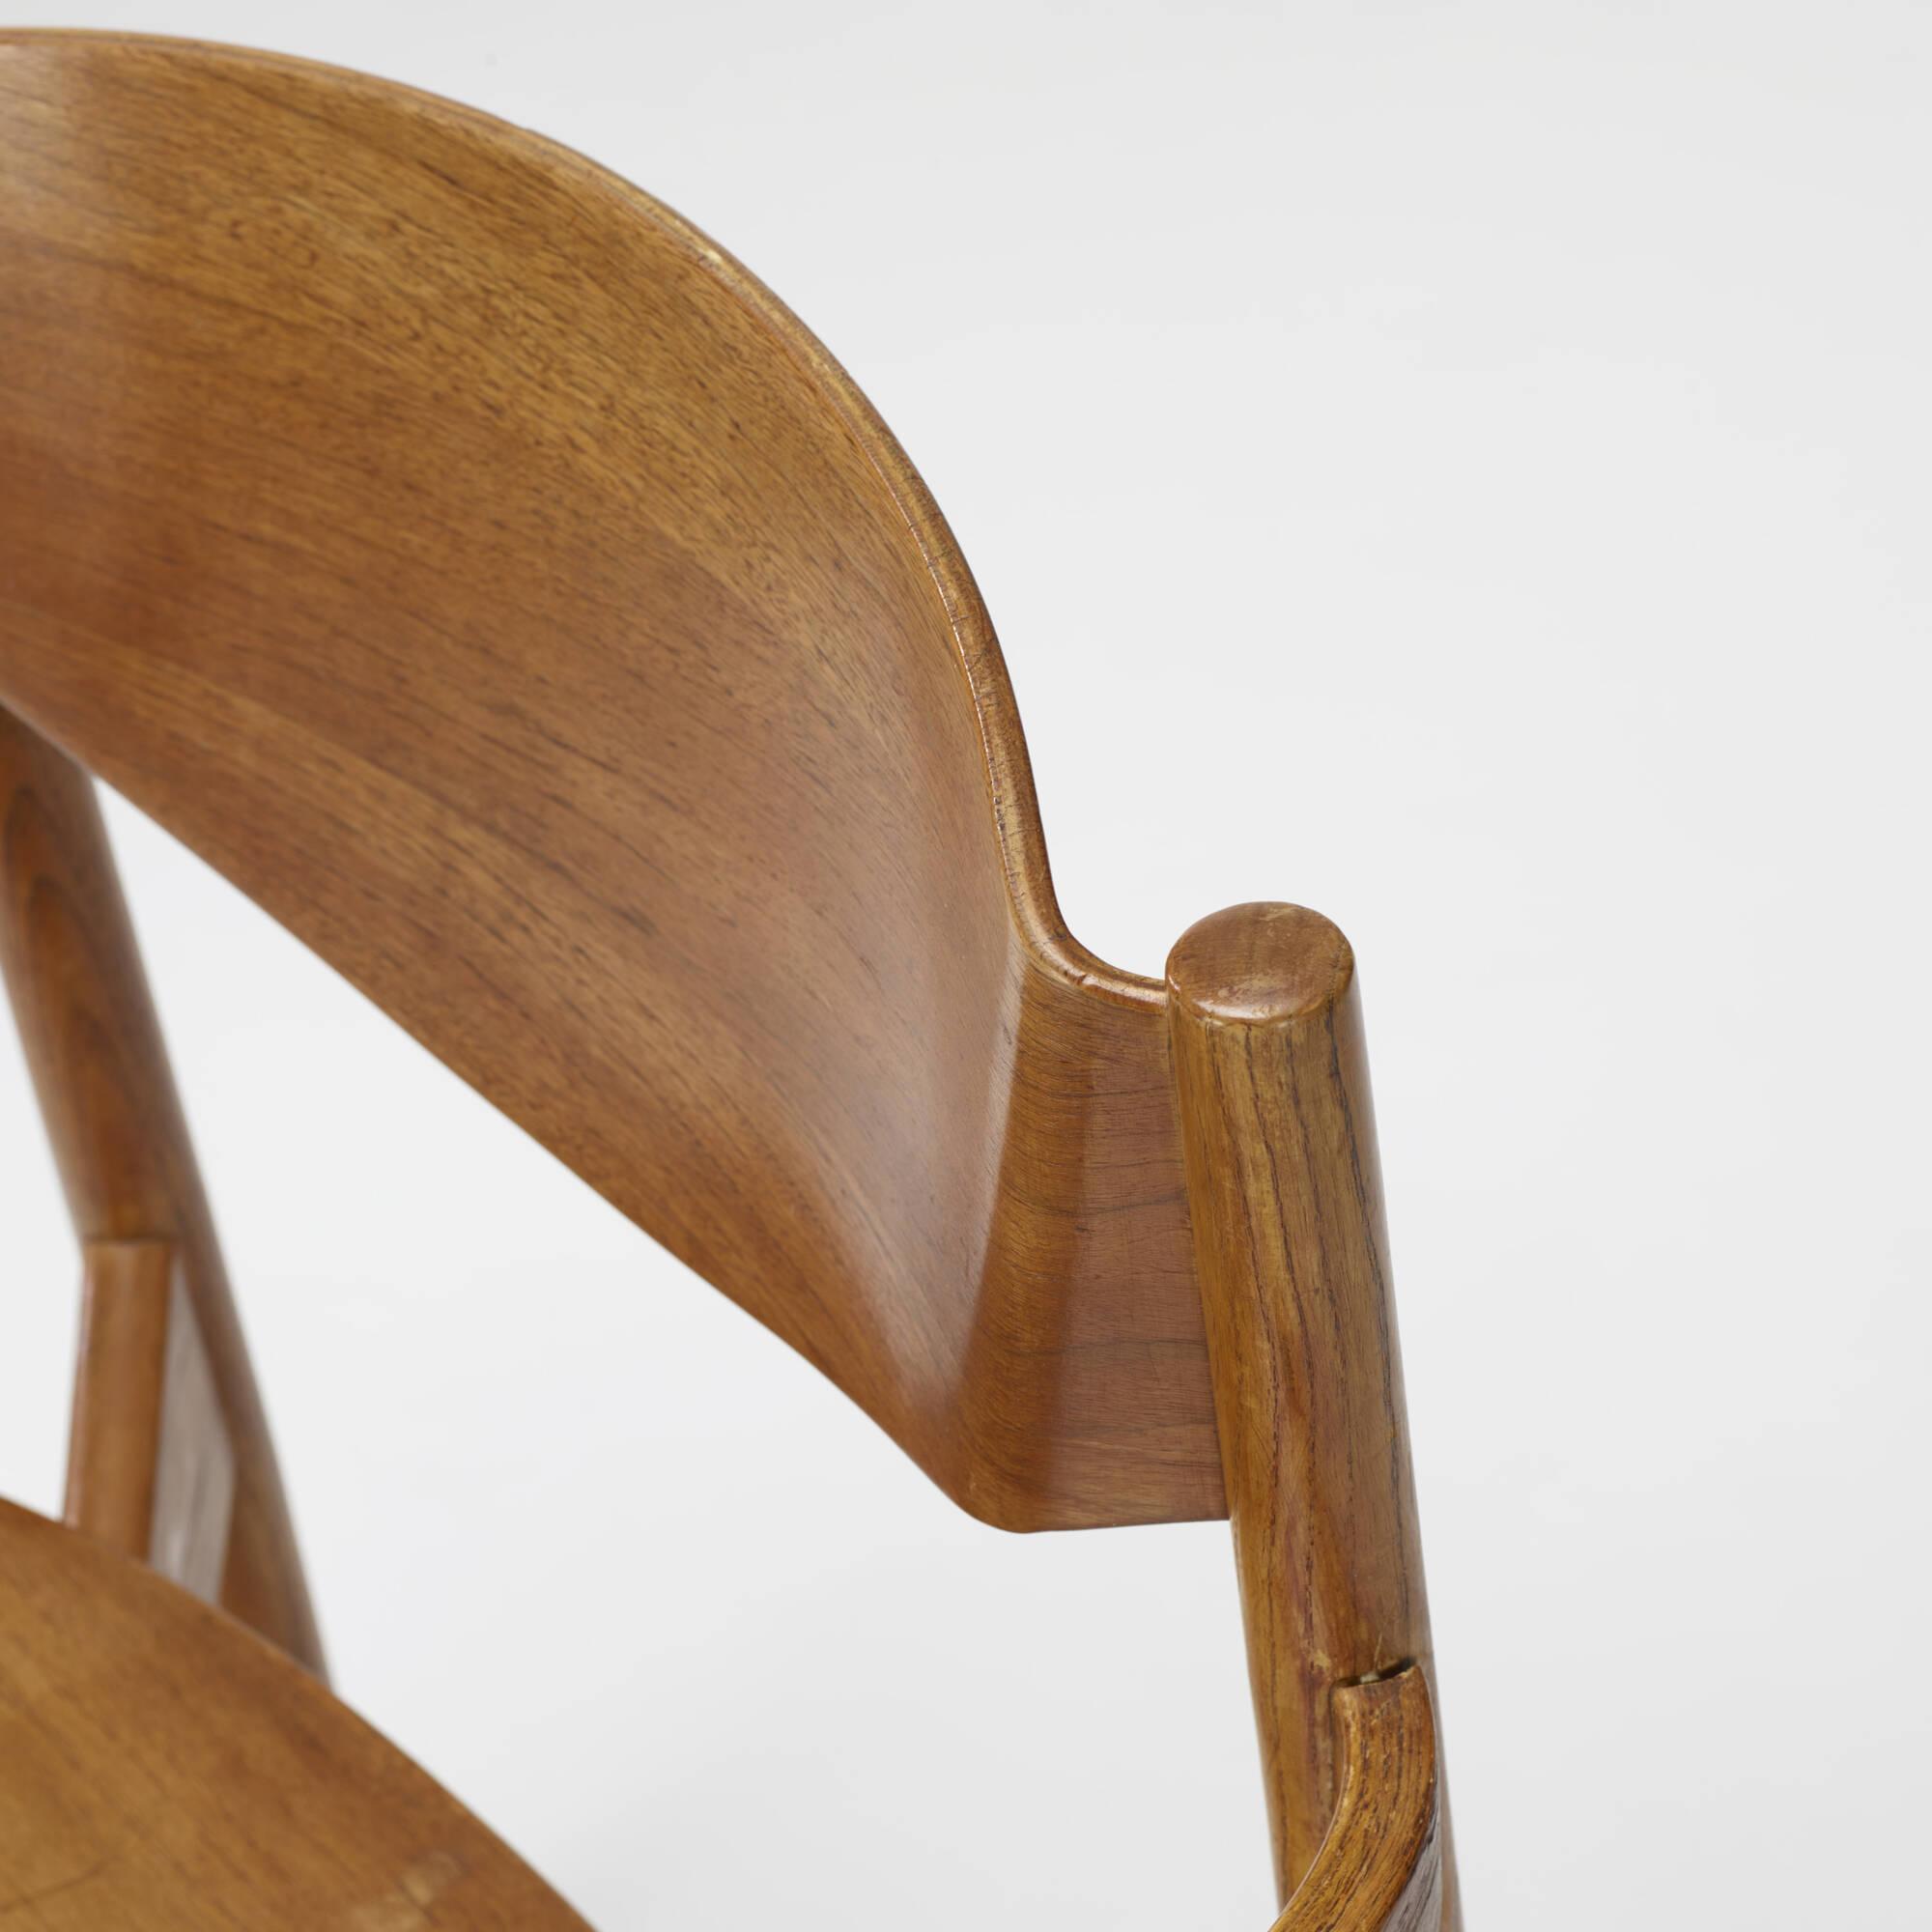 681: Jens Risom / armchair (3 of 4)